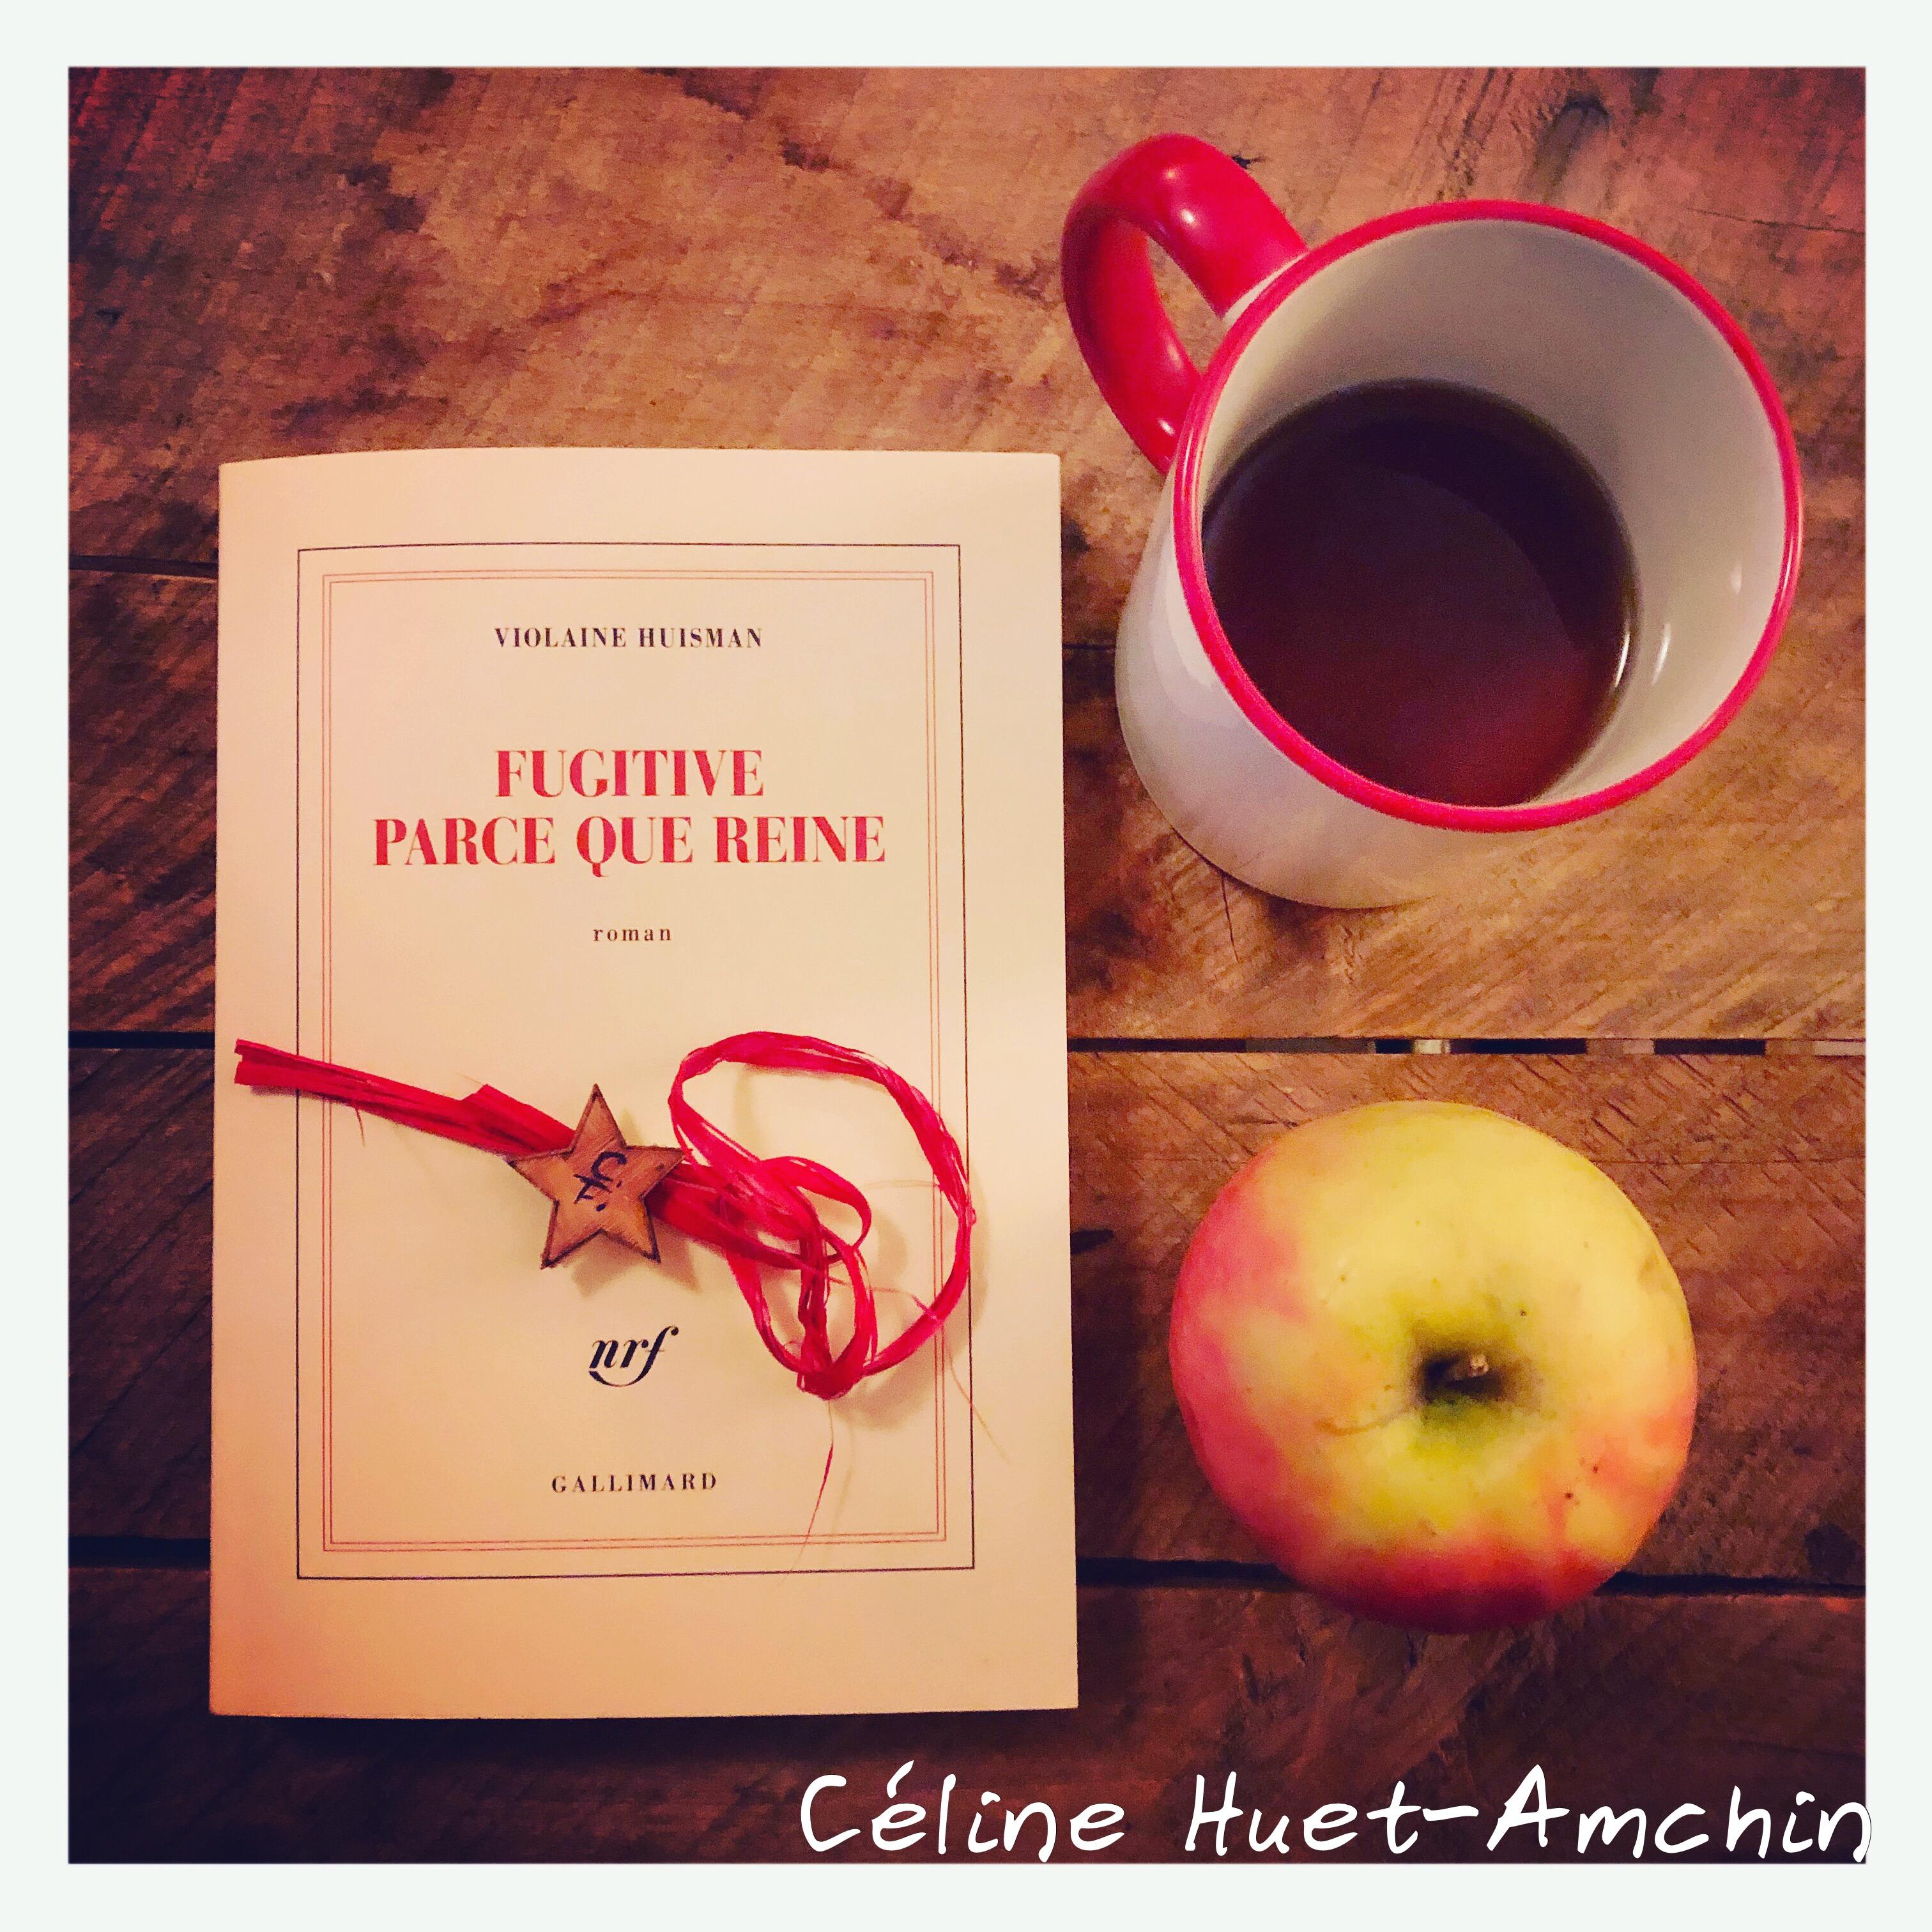 Fugitive parce que Reine Violaine Huisman Gallimard